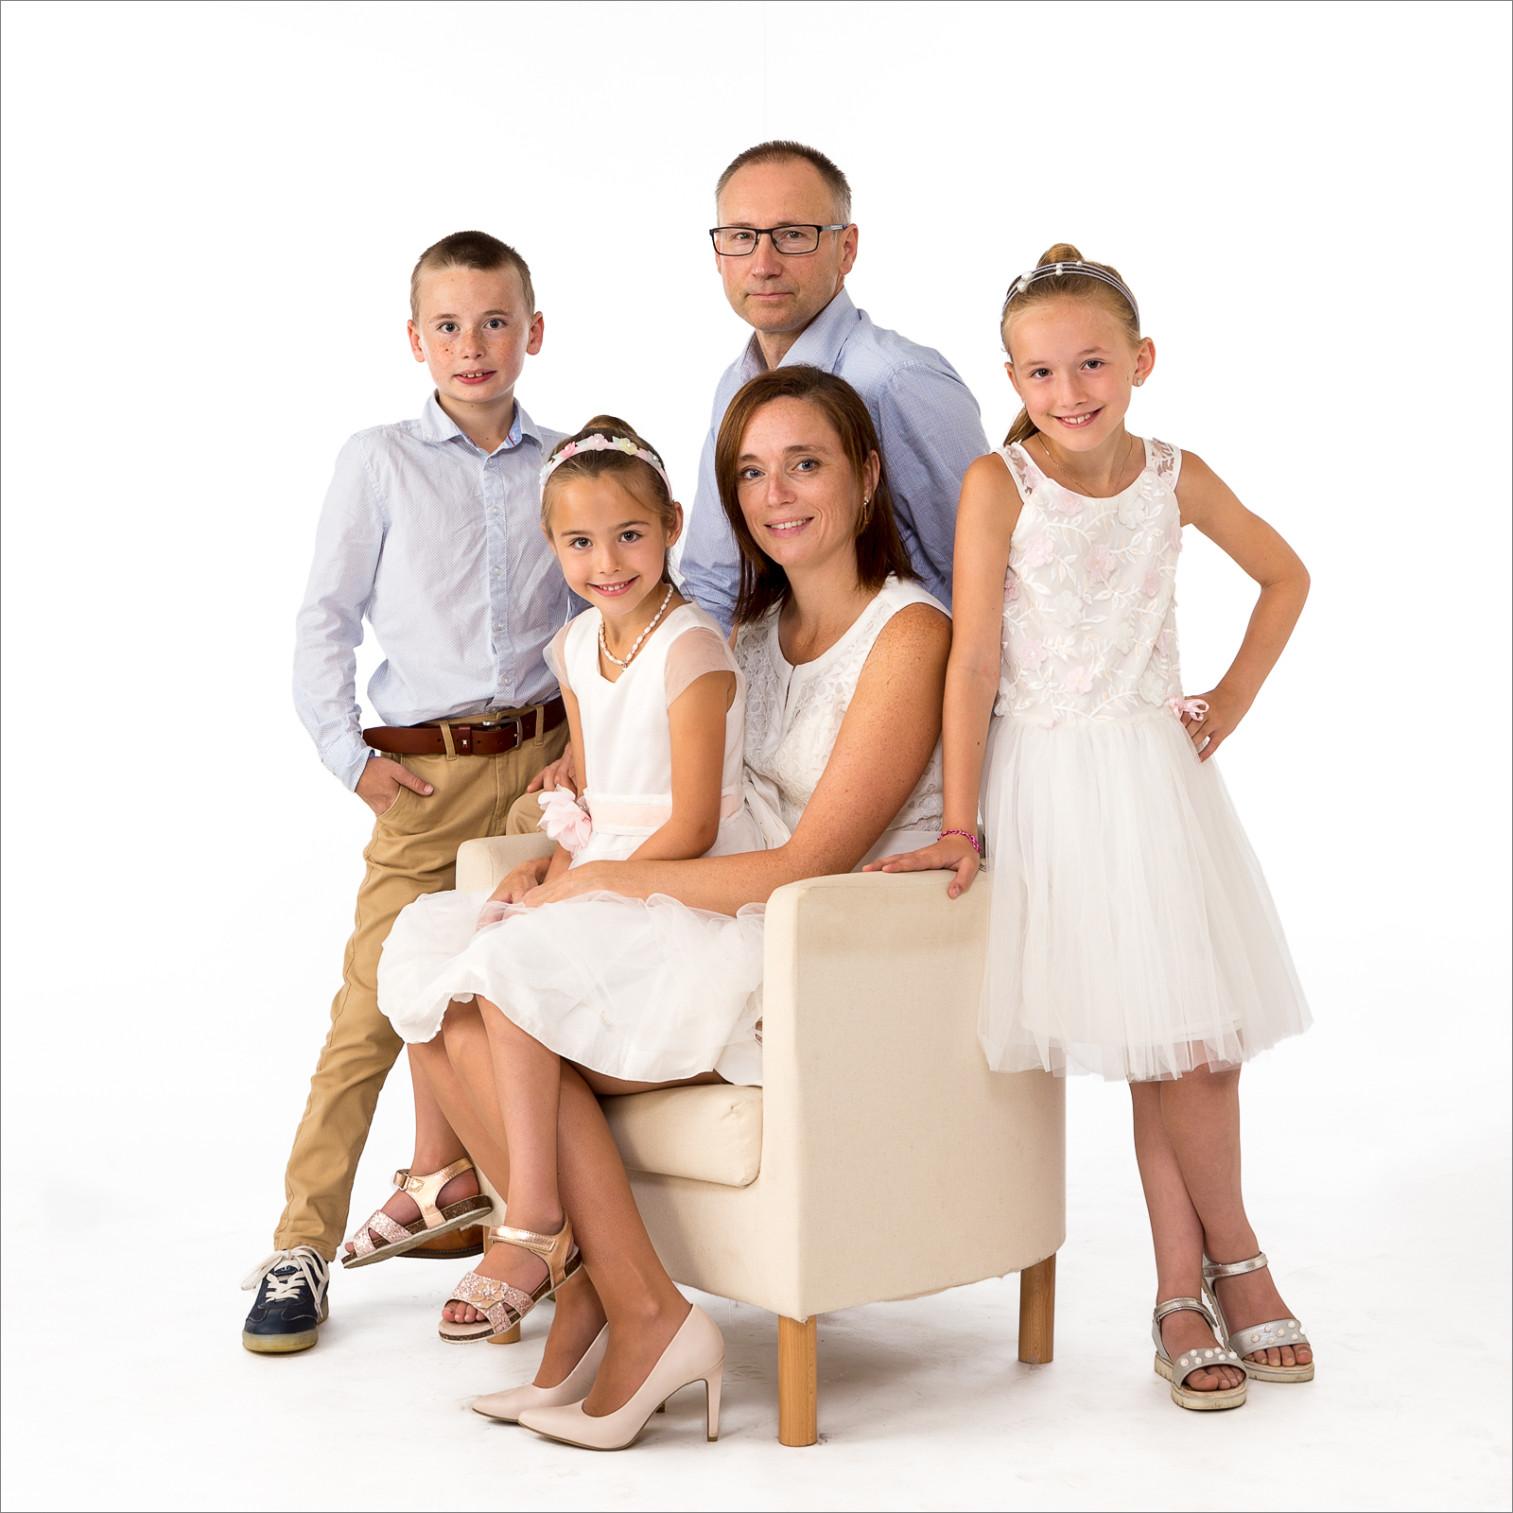 familiefoto_2020_027.jpg